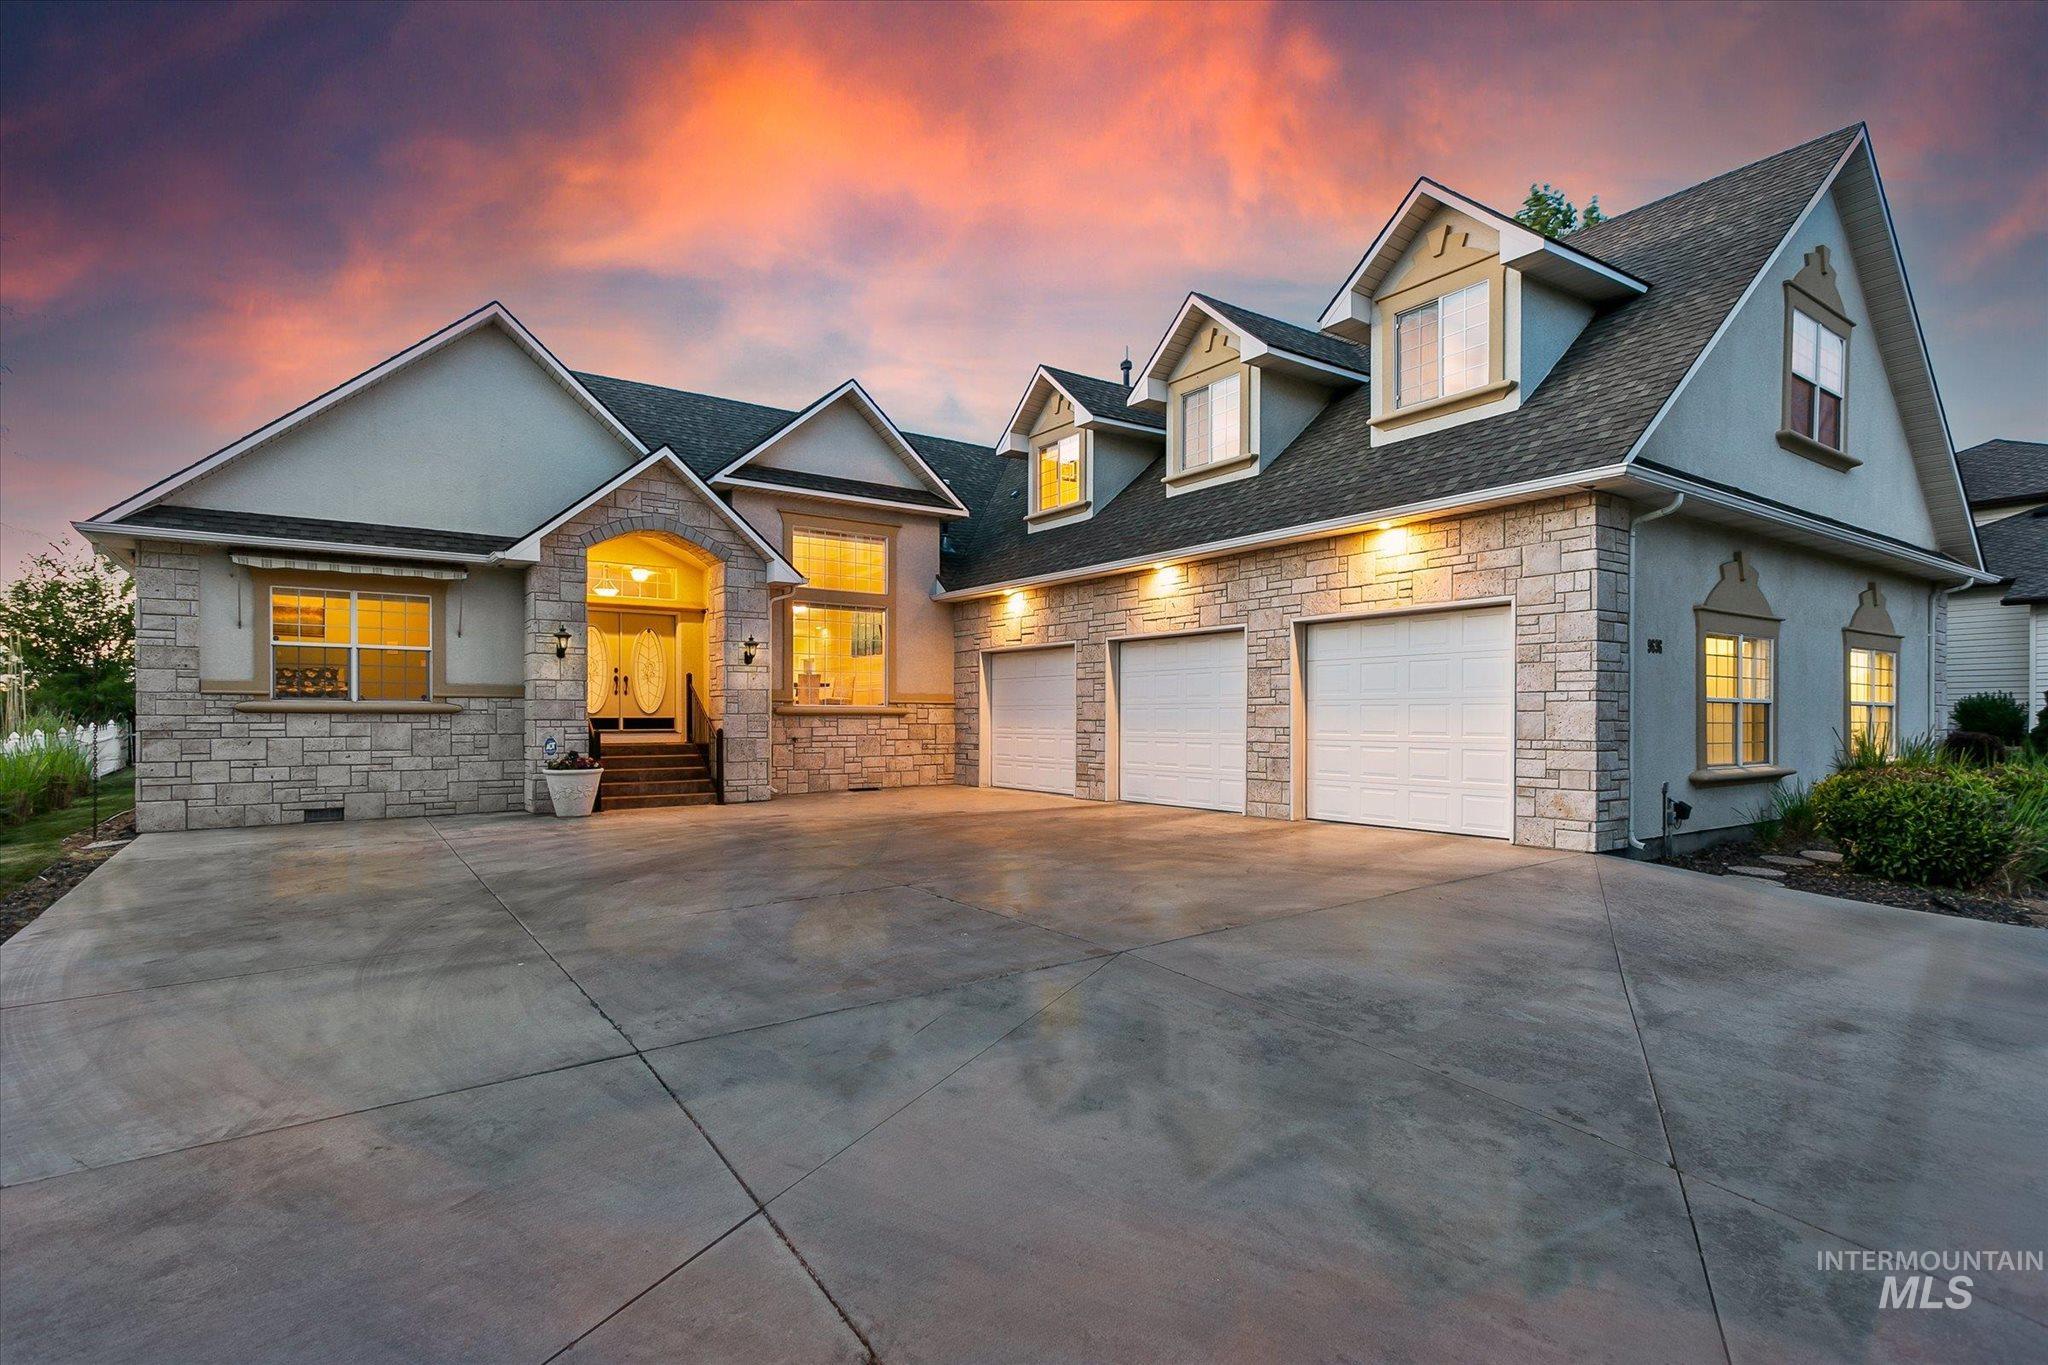 9696 W Canyon Ridge Property Photo 1